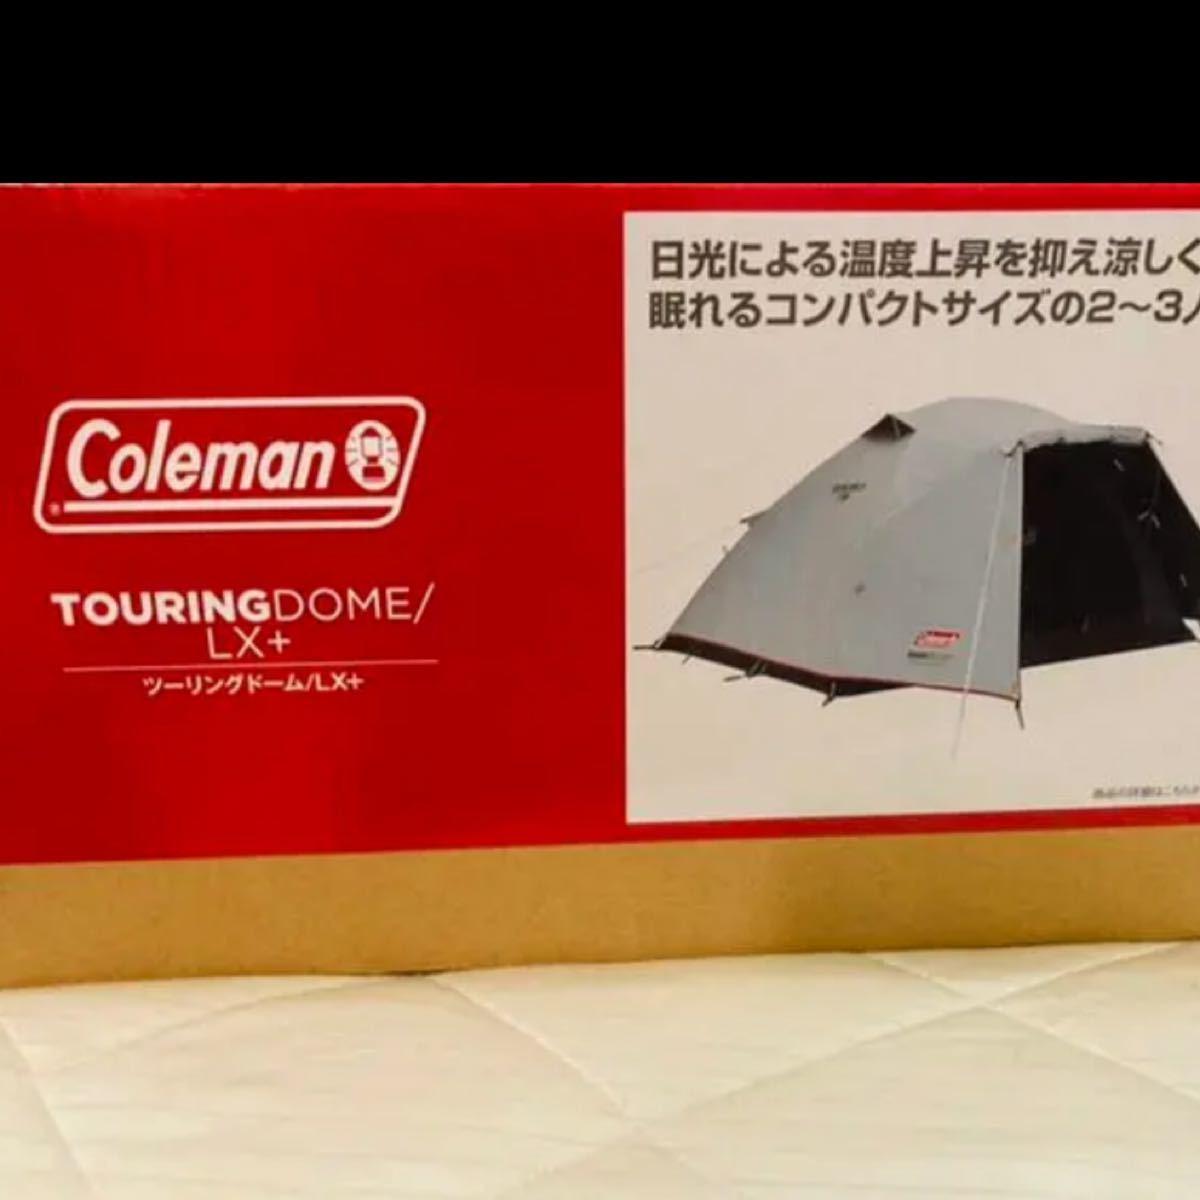 コールマン ツーリングドームLX+